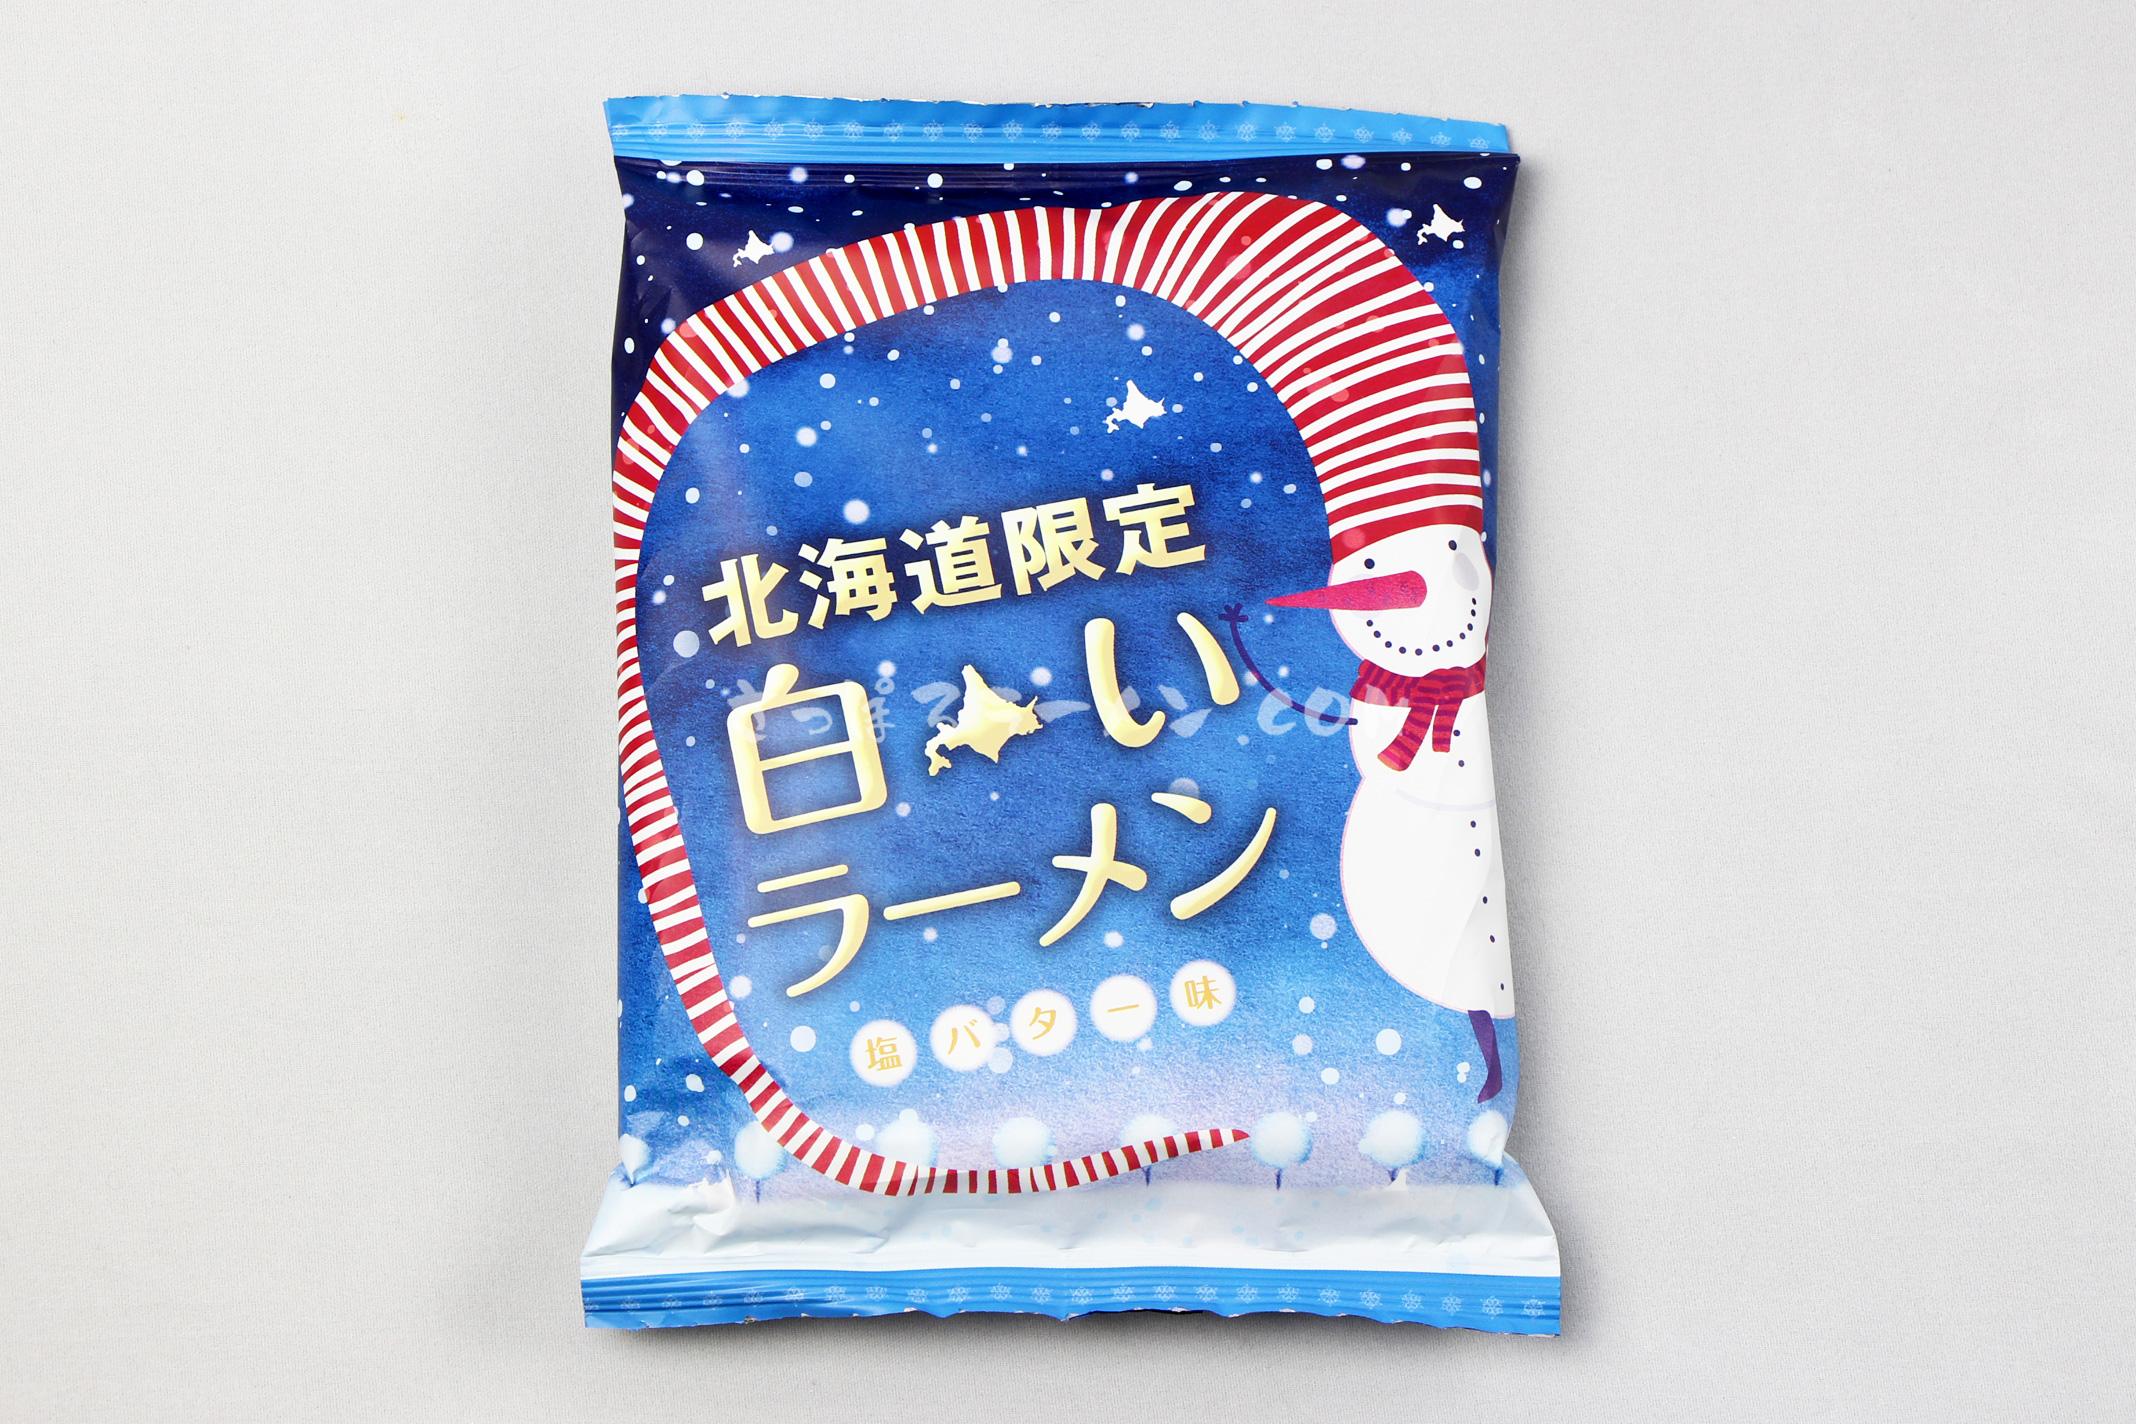 「北海道限定 白いラーメン 塩バター味」(藤原製麺)のパッケージ(表)